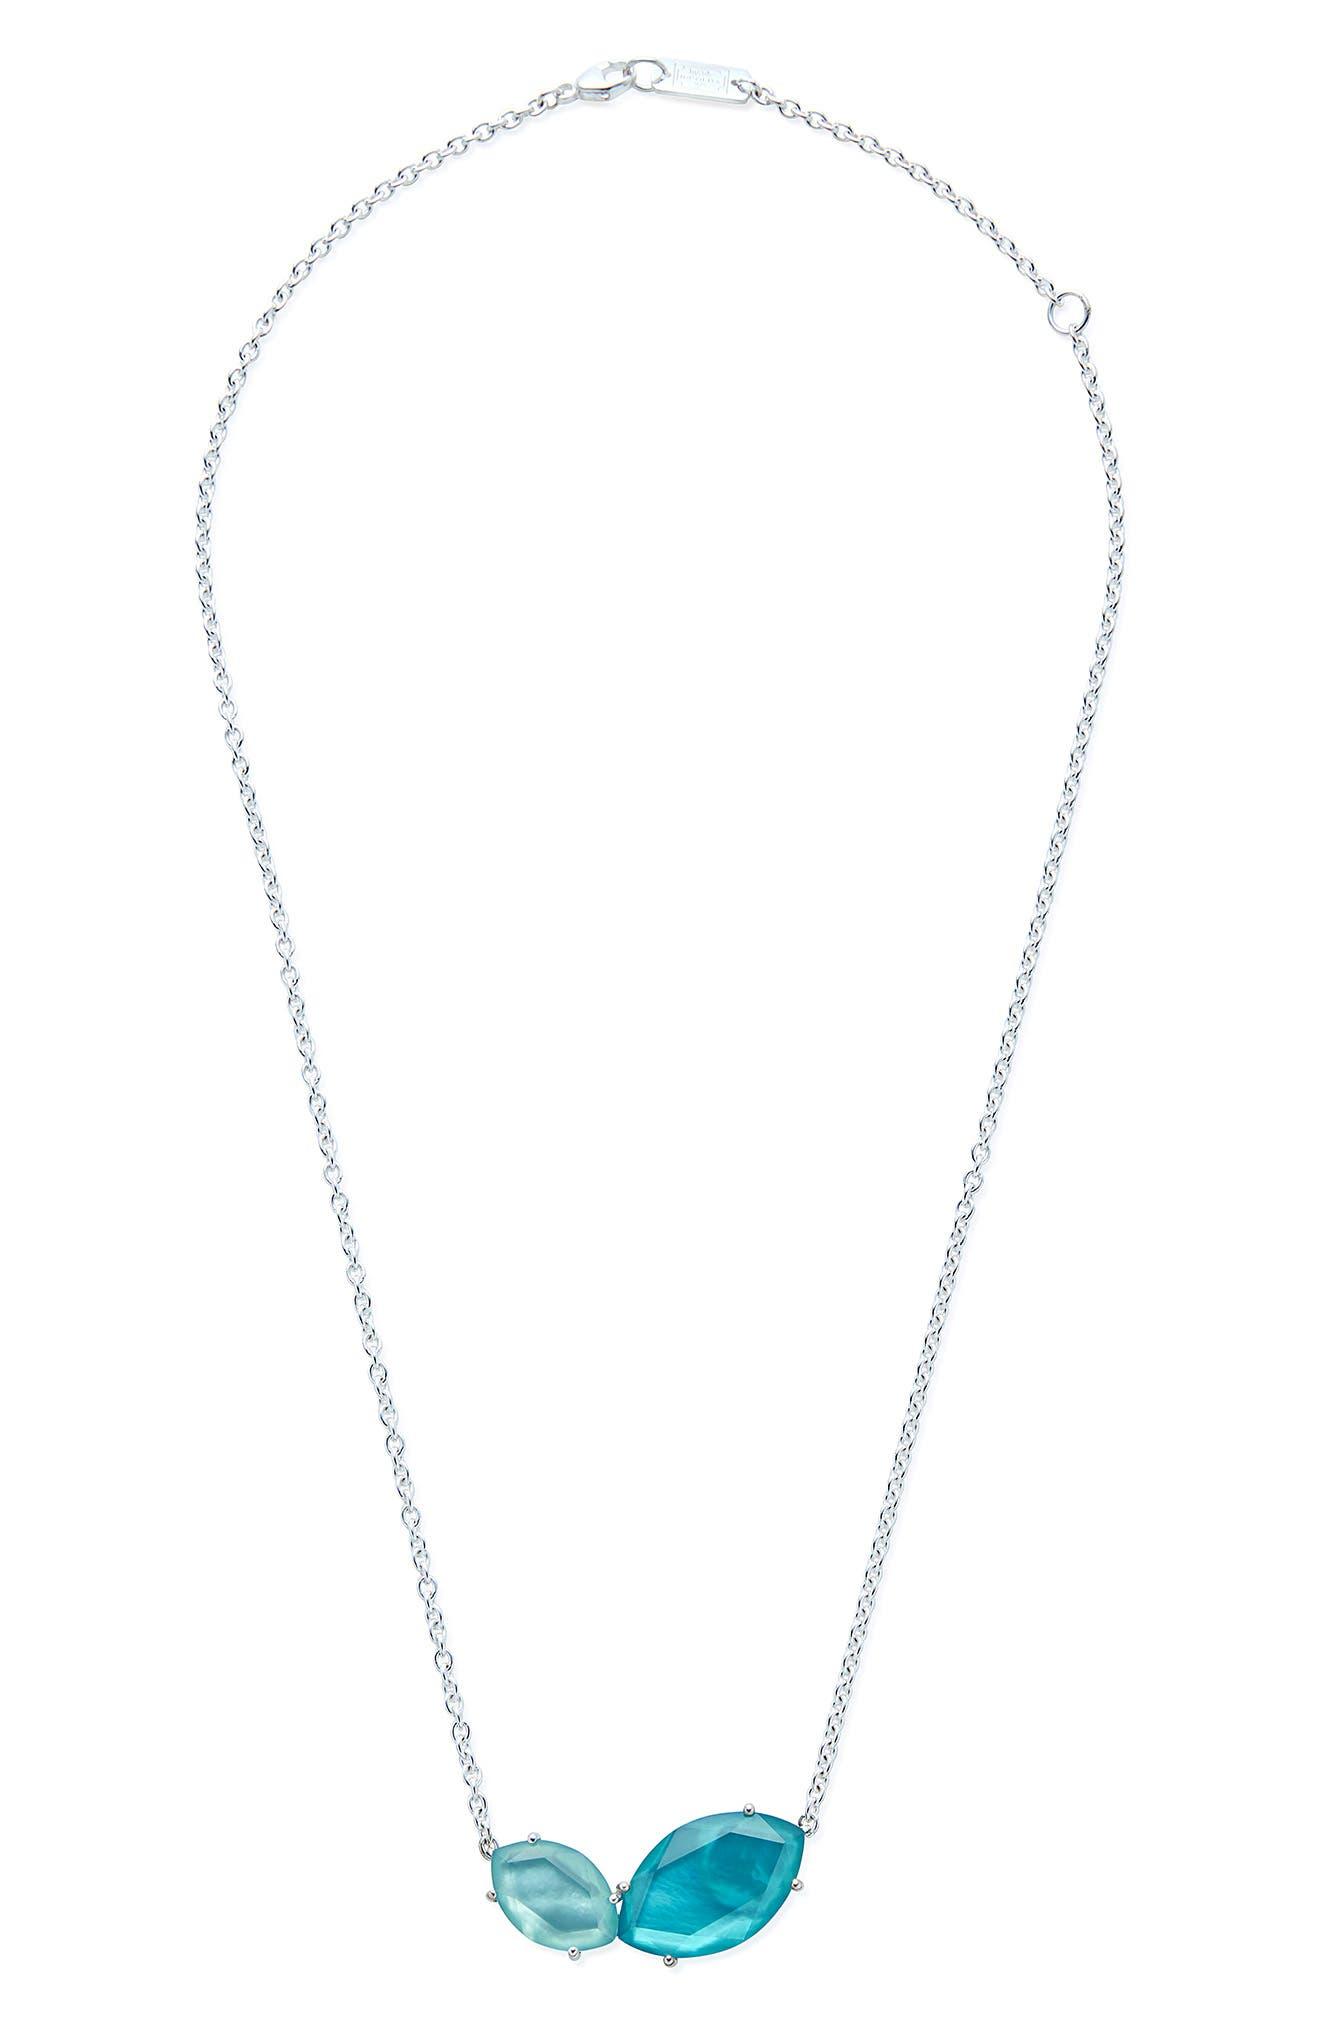 Wonderland 2-Stone Pendant Necklace,                             Main thumbnail 1, color,                             BLUE